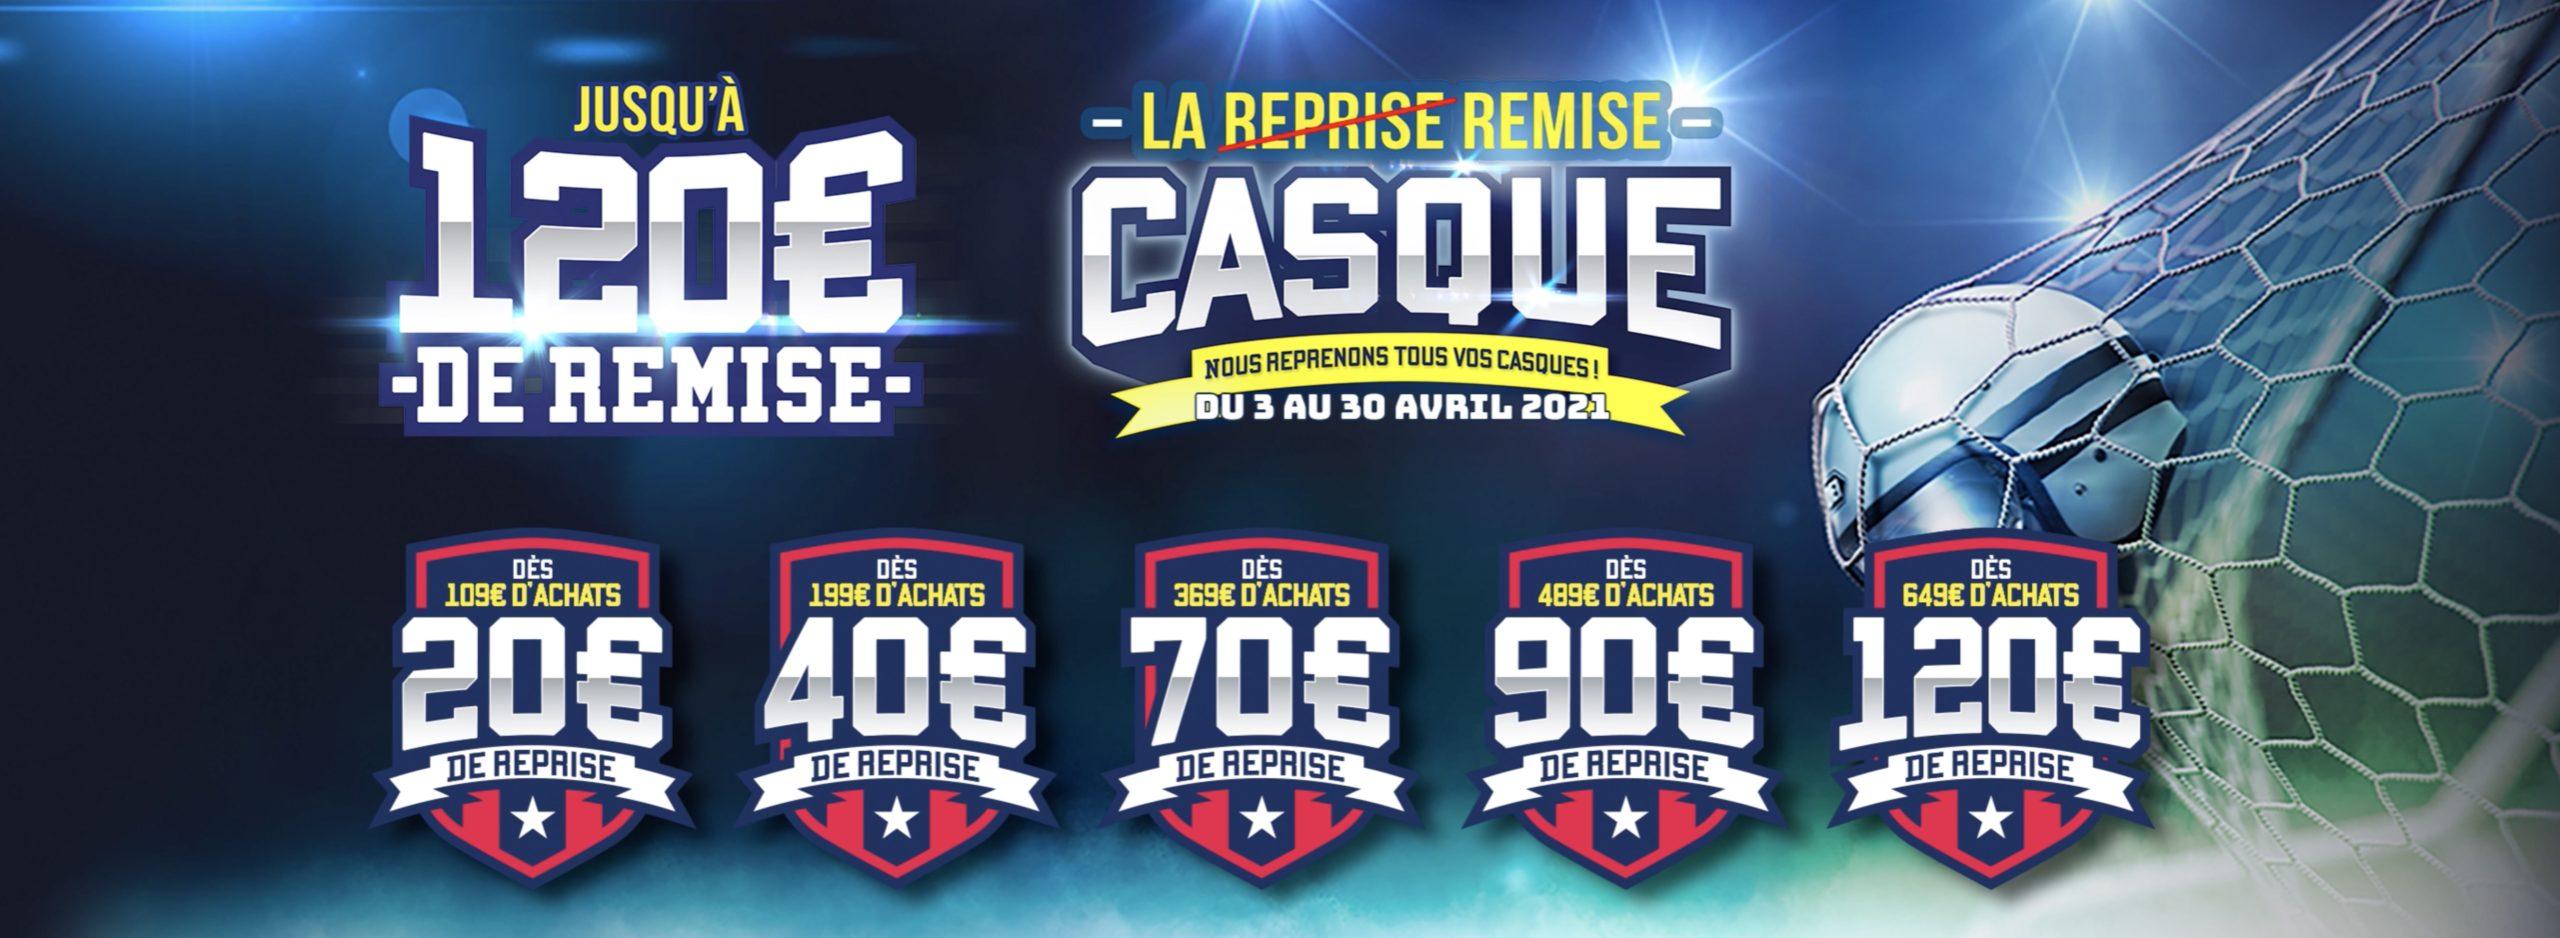 REMISE CASQUE